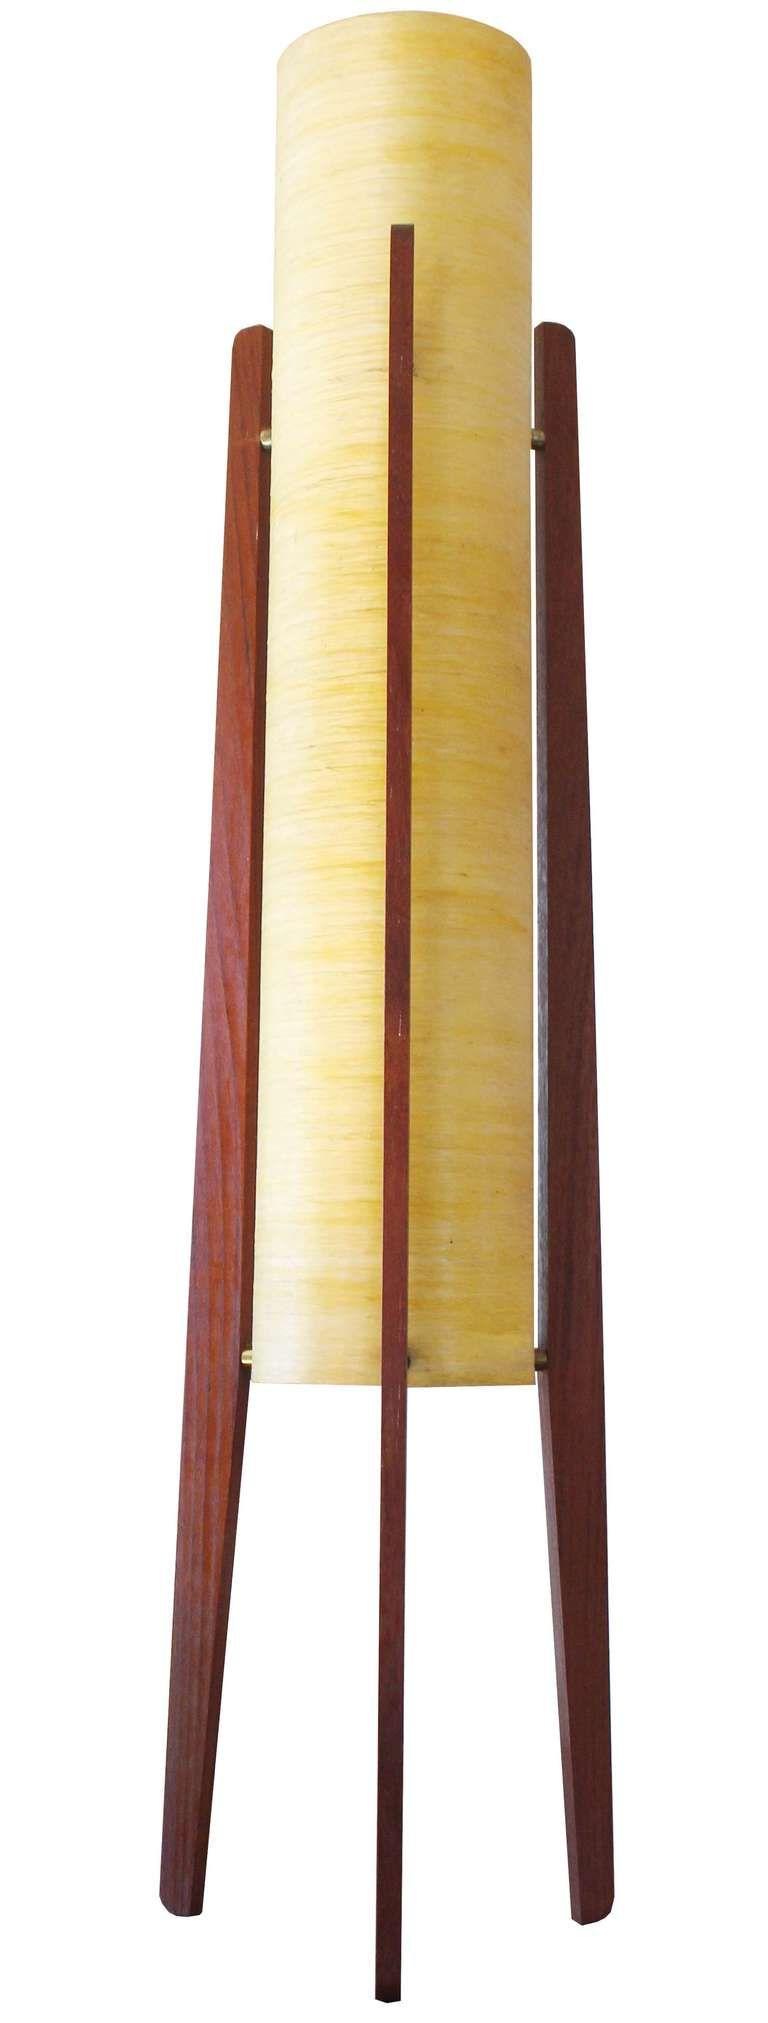 Danish Rocket Lamp   Modern Lighting   Pinterest   Modern ...